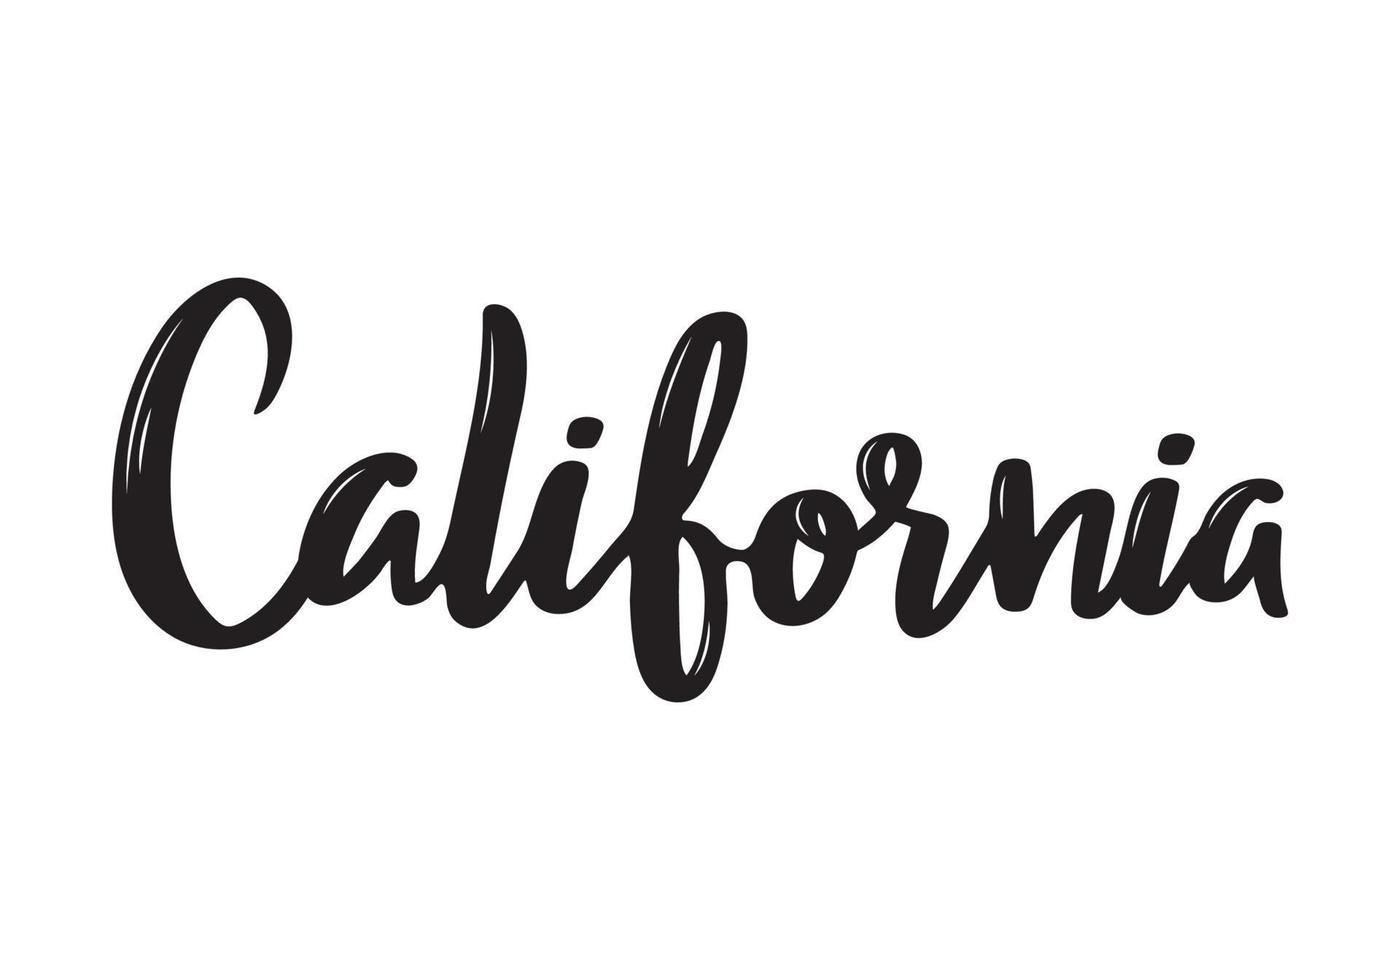 californie nom de calligraphie manuscrite de l'état des états-unis. calligraphie au pinceau dessiné à la main. vecteur